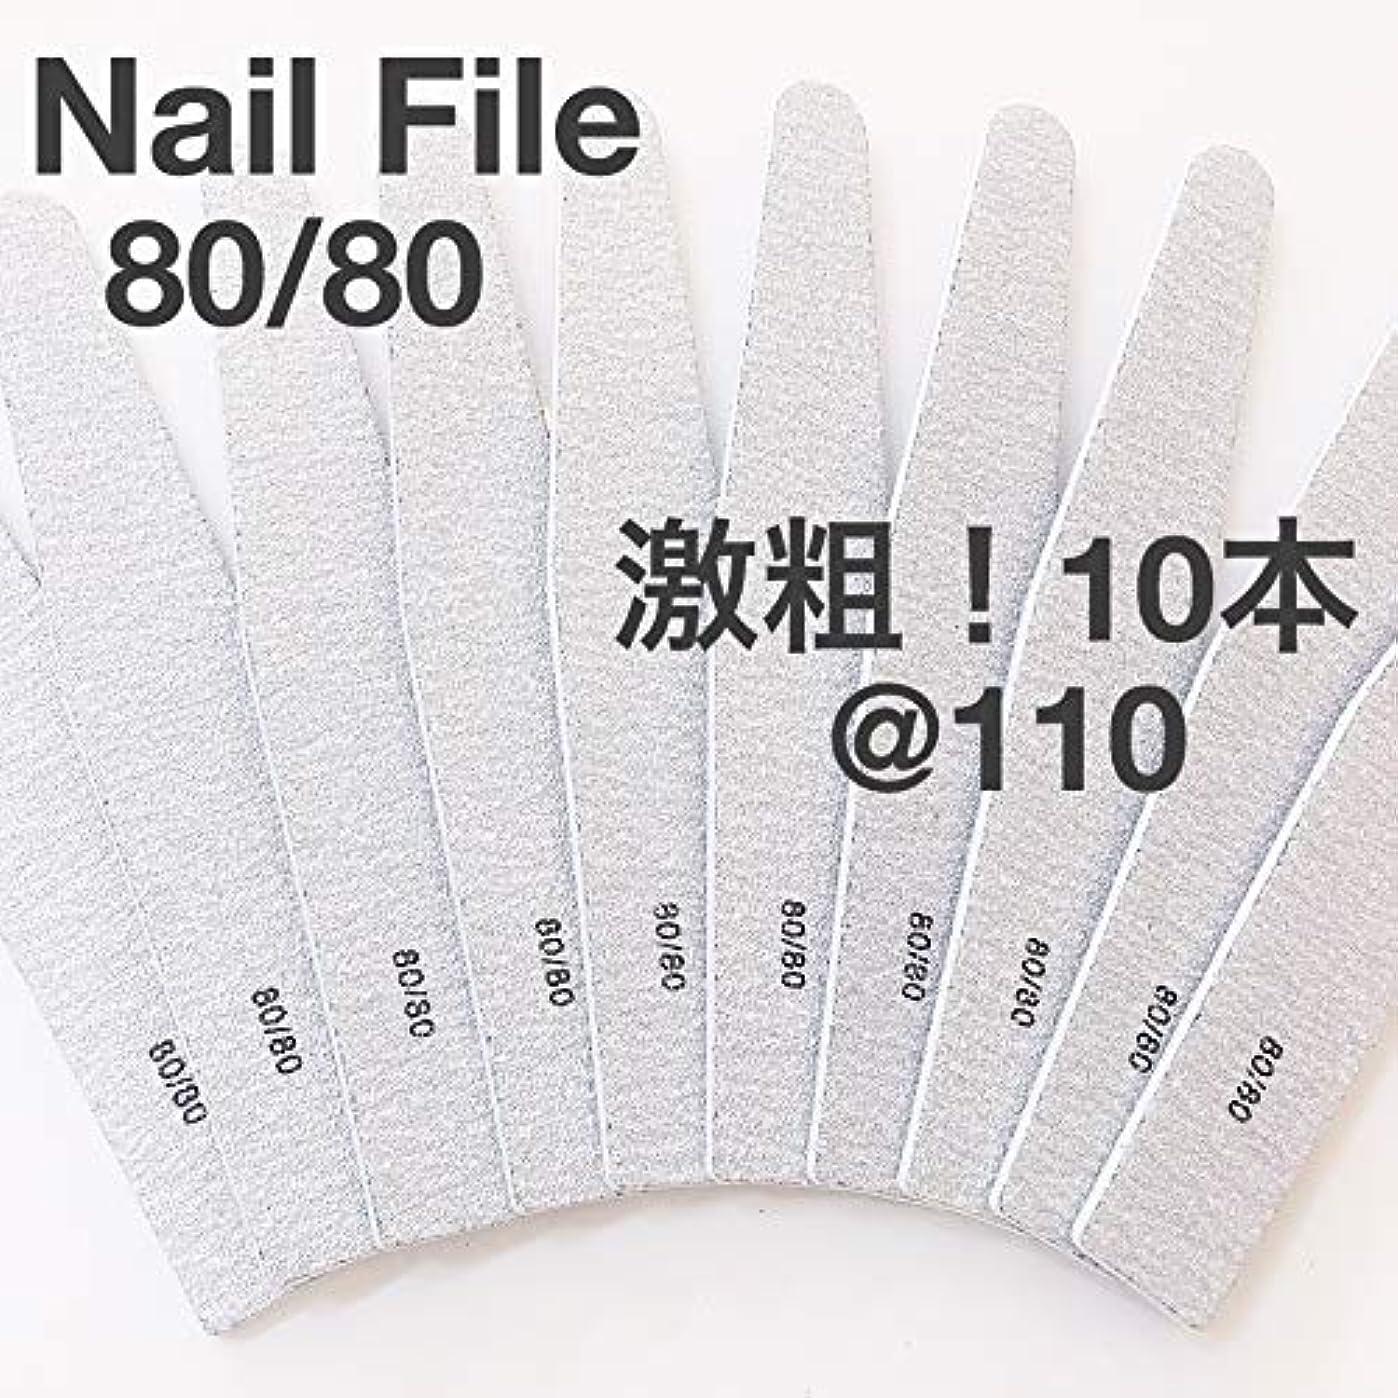 パイント初期のグリーンランドネイルファイル 80/80激粗【10本セット】ガリガリ削れます!